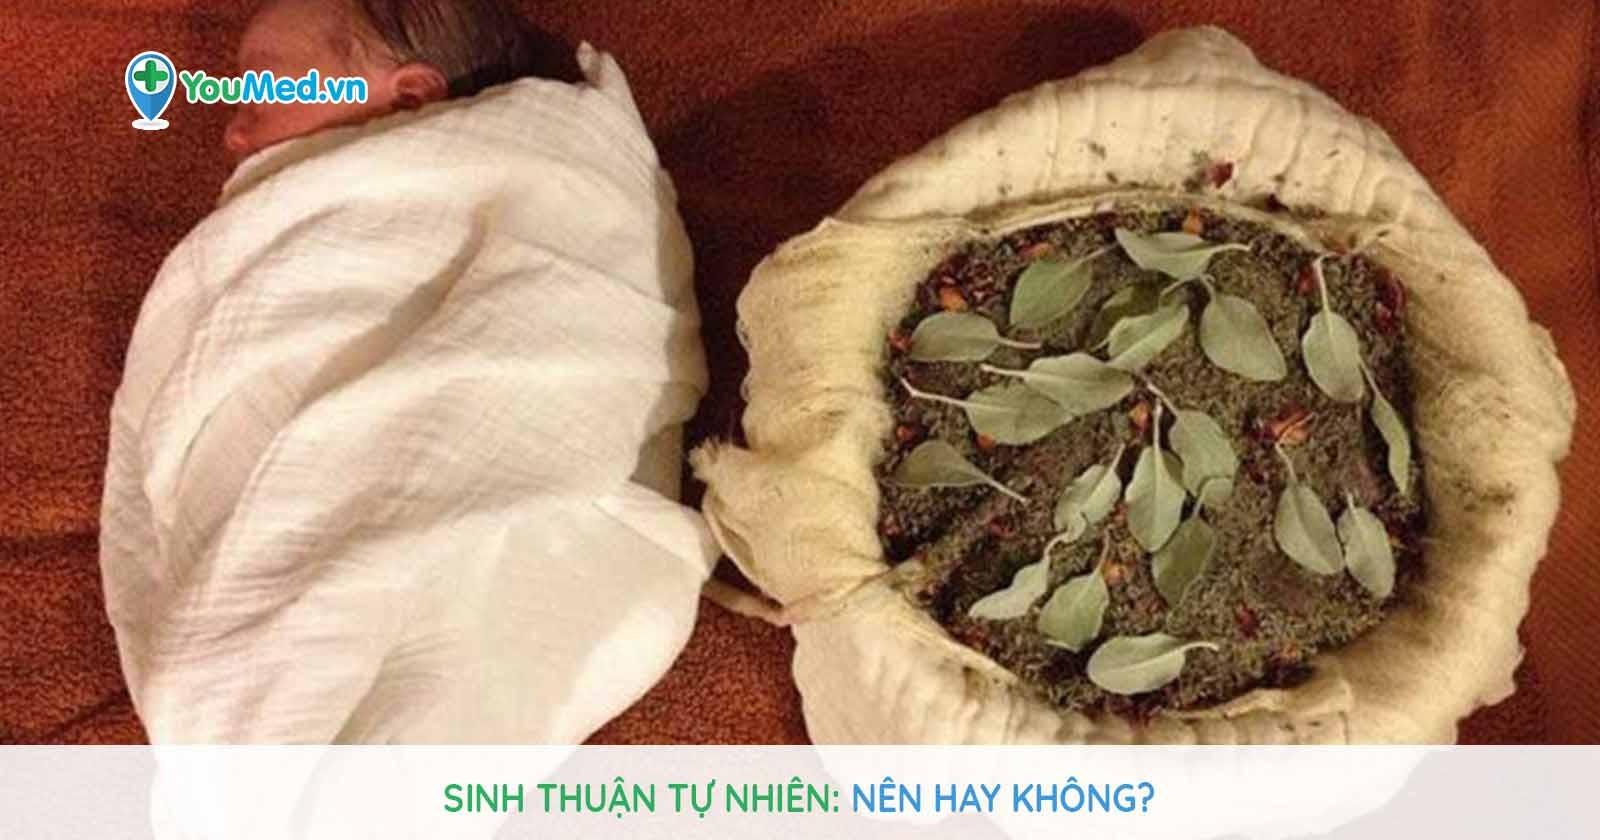 Sinh thuận tự nhiên: Nên hay không?